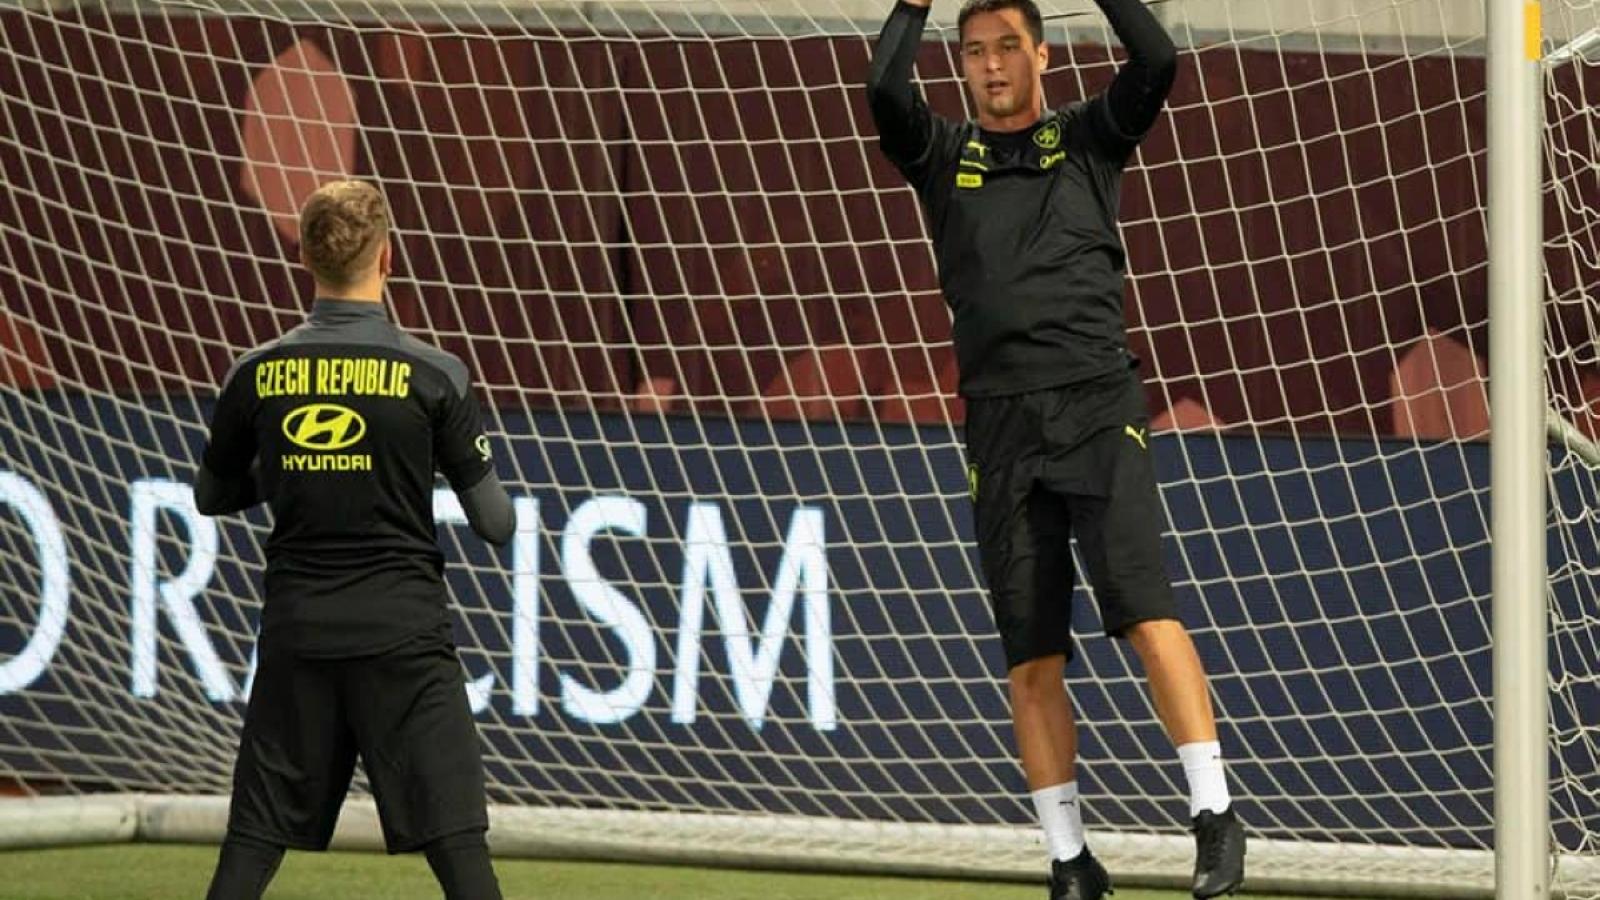 Filip Nguyễn dự bị cả trận cho CH Séc, còn nguyên cơ hội khoác áo ĐT Việt Nam